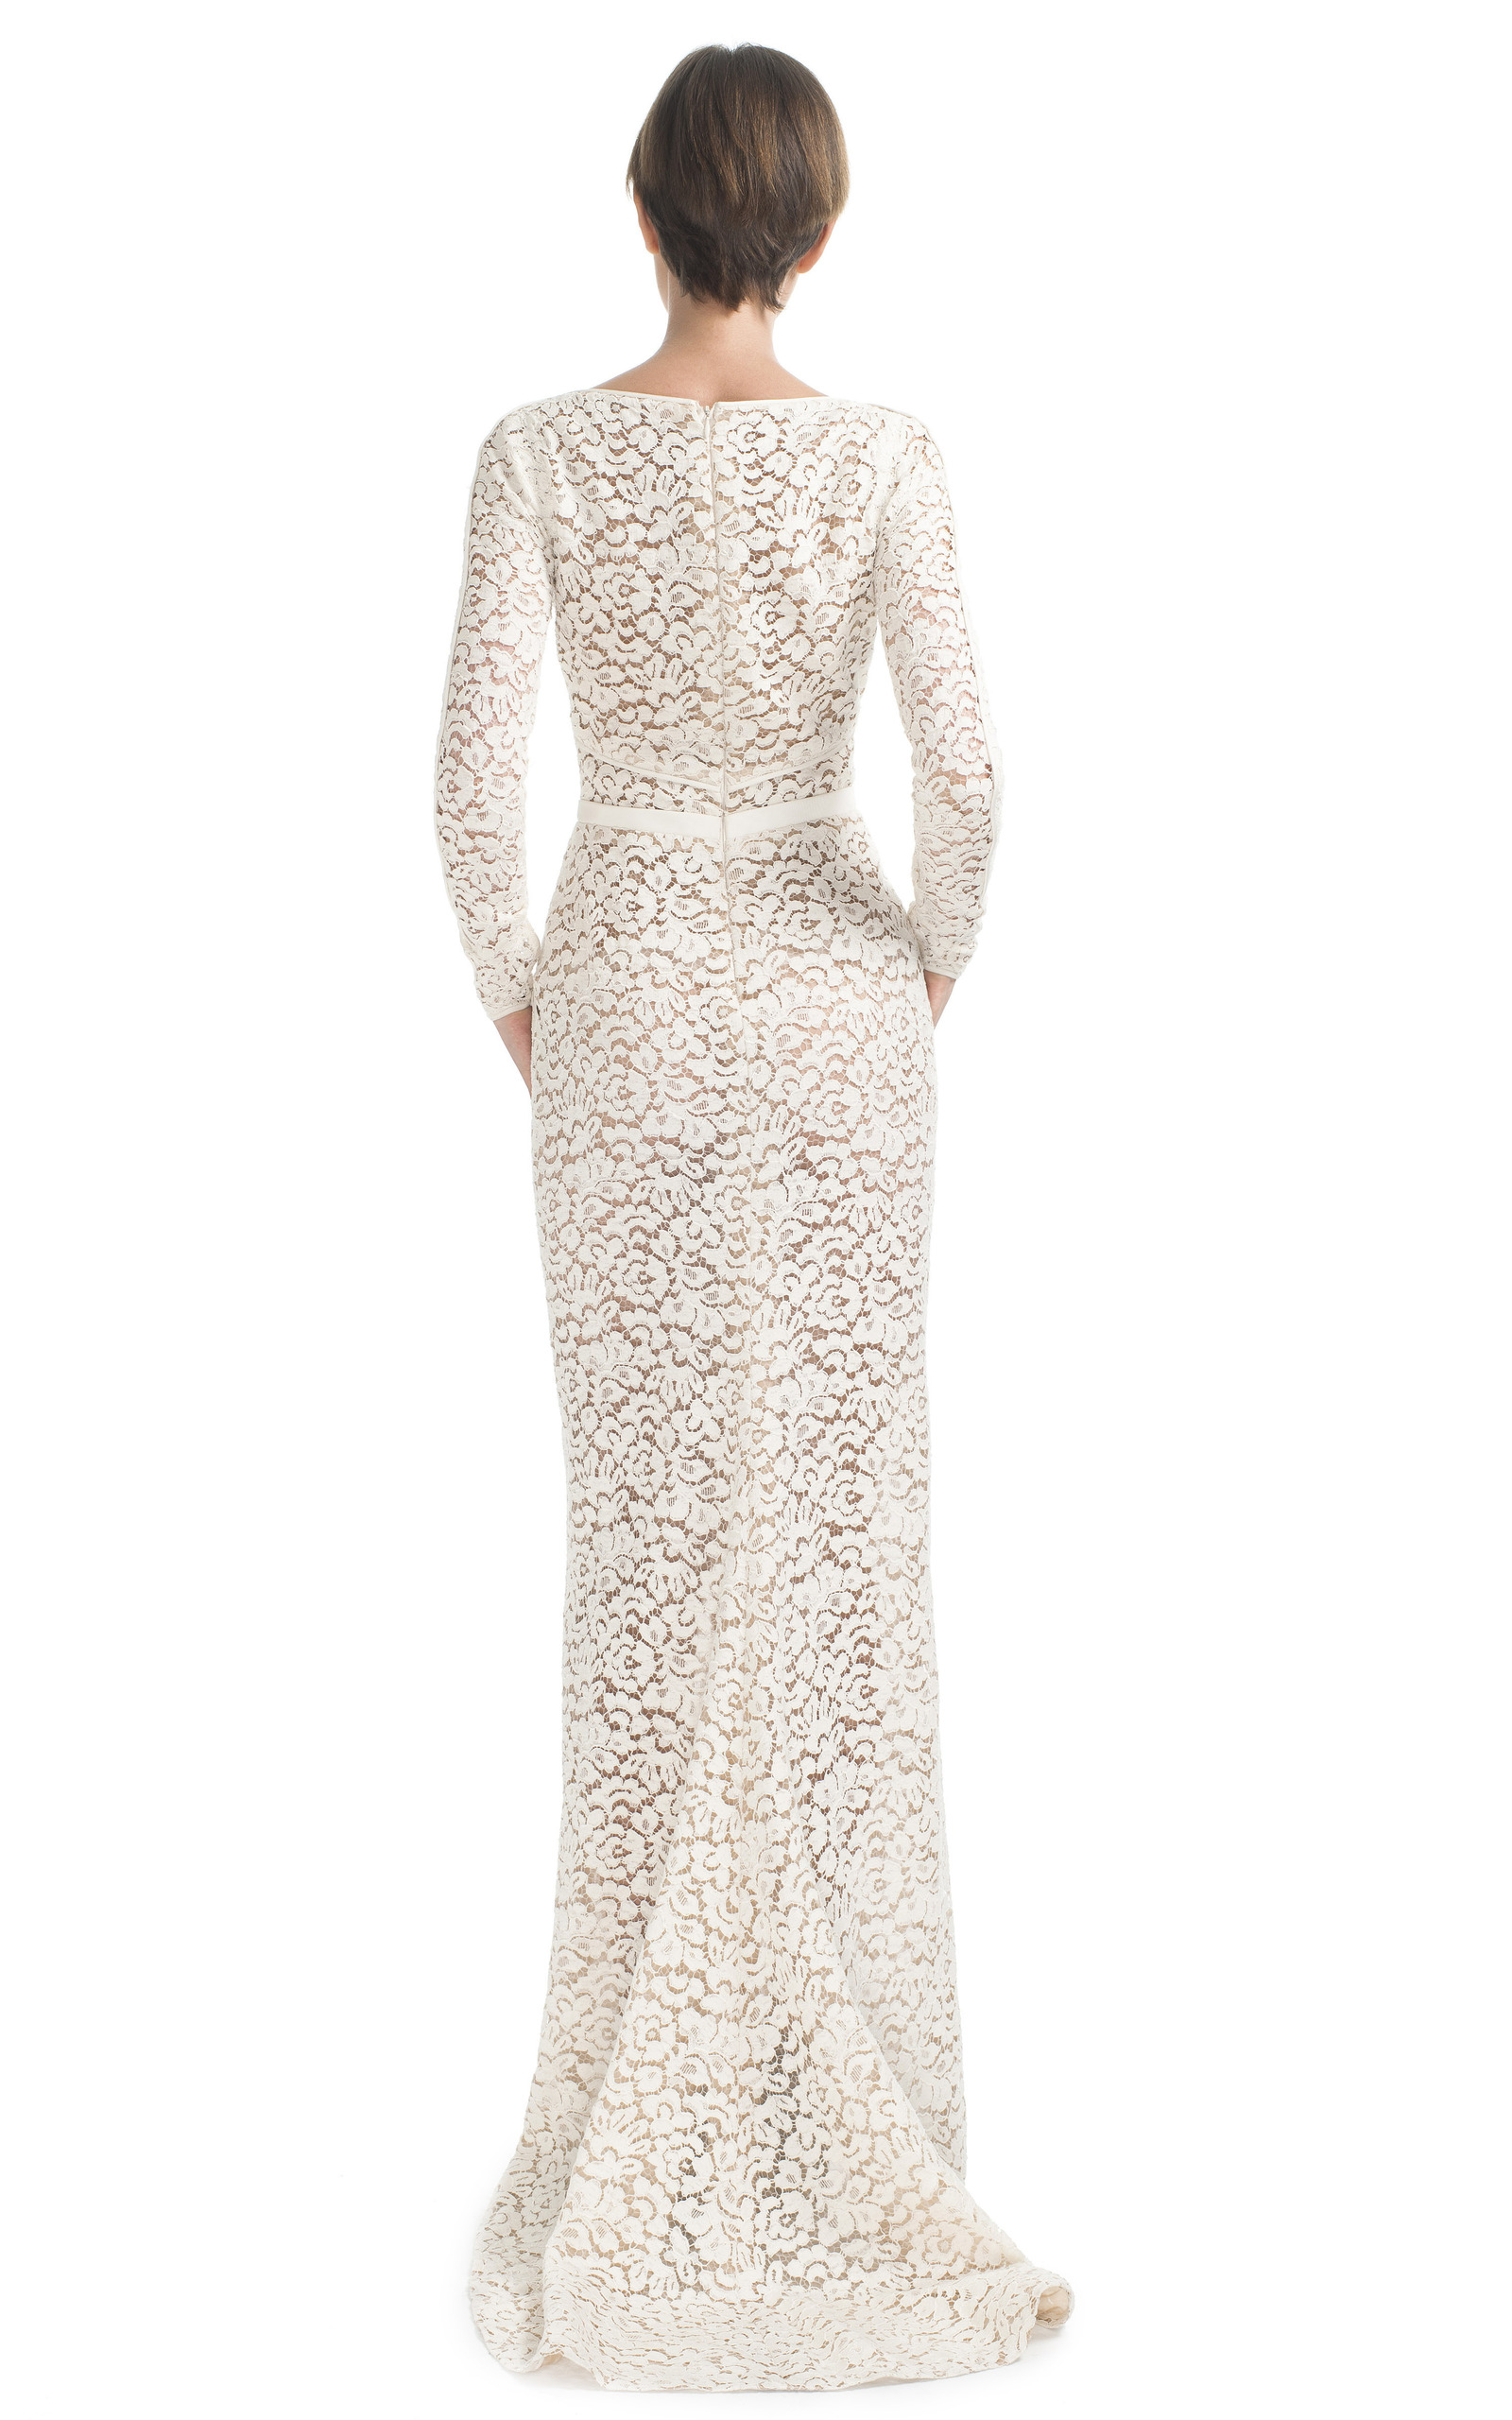 Long Sleeve Lace Evening Gown by J. Mendel | Moda Operandi